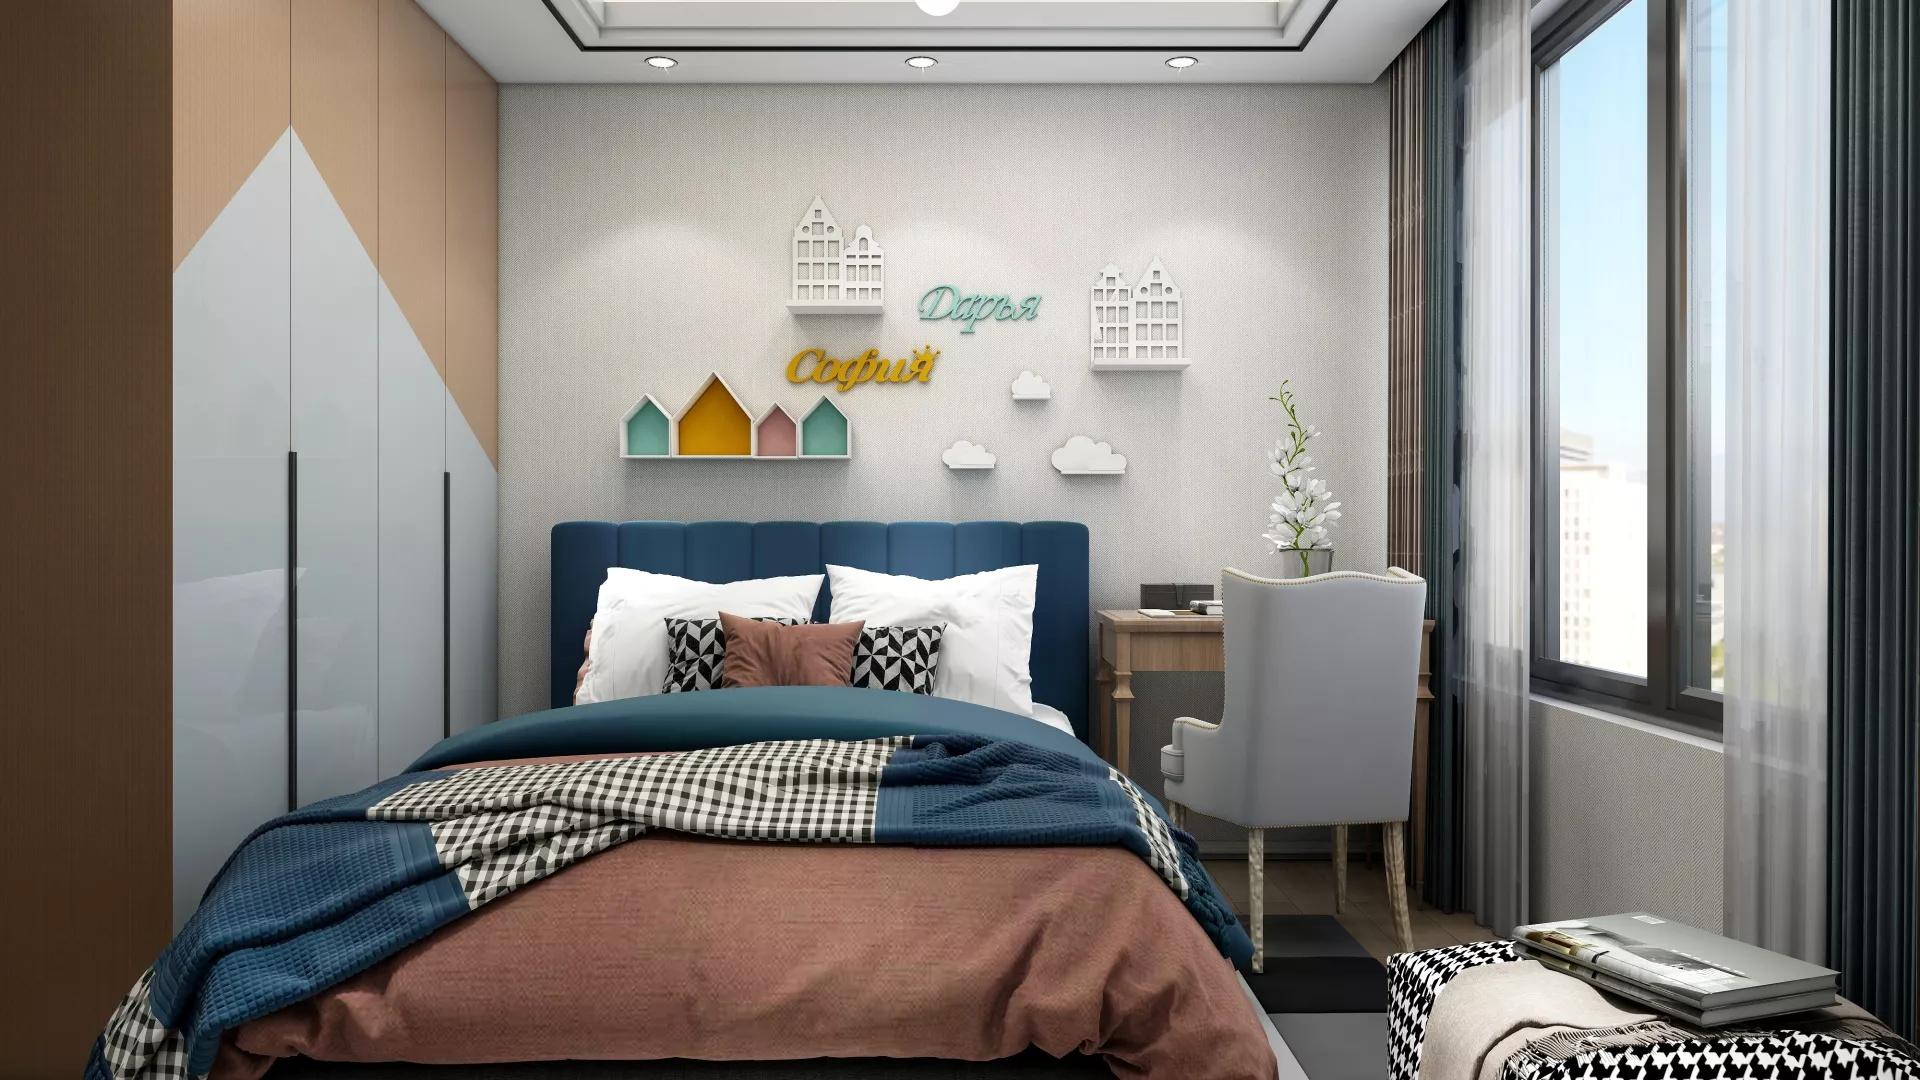 文艺个性混搭创意设计小户型家居装修效果图